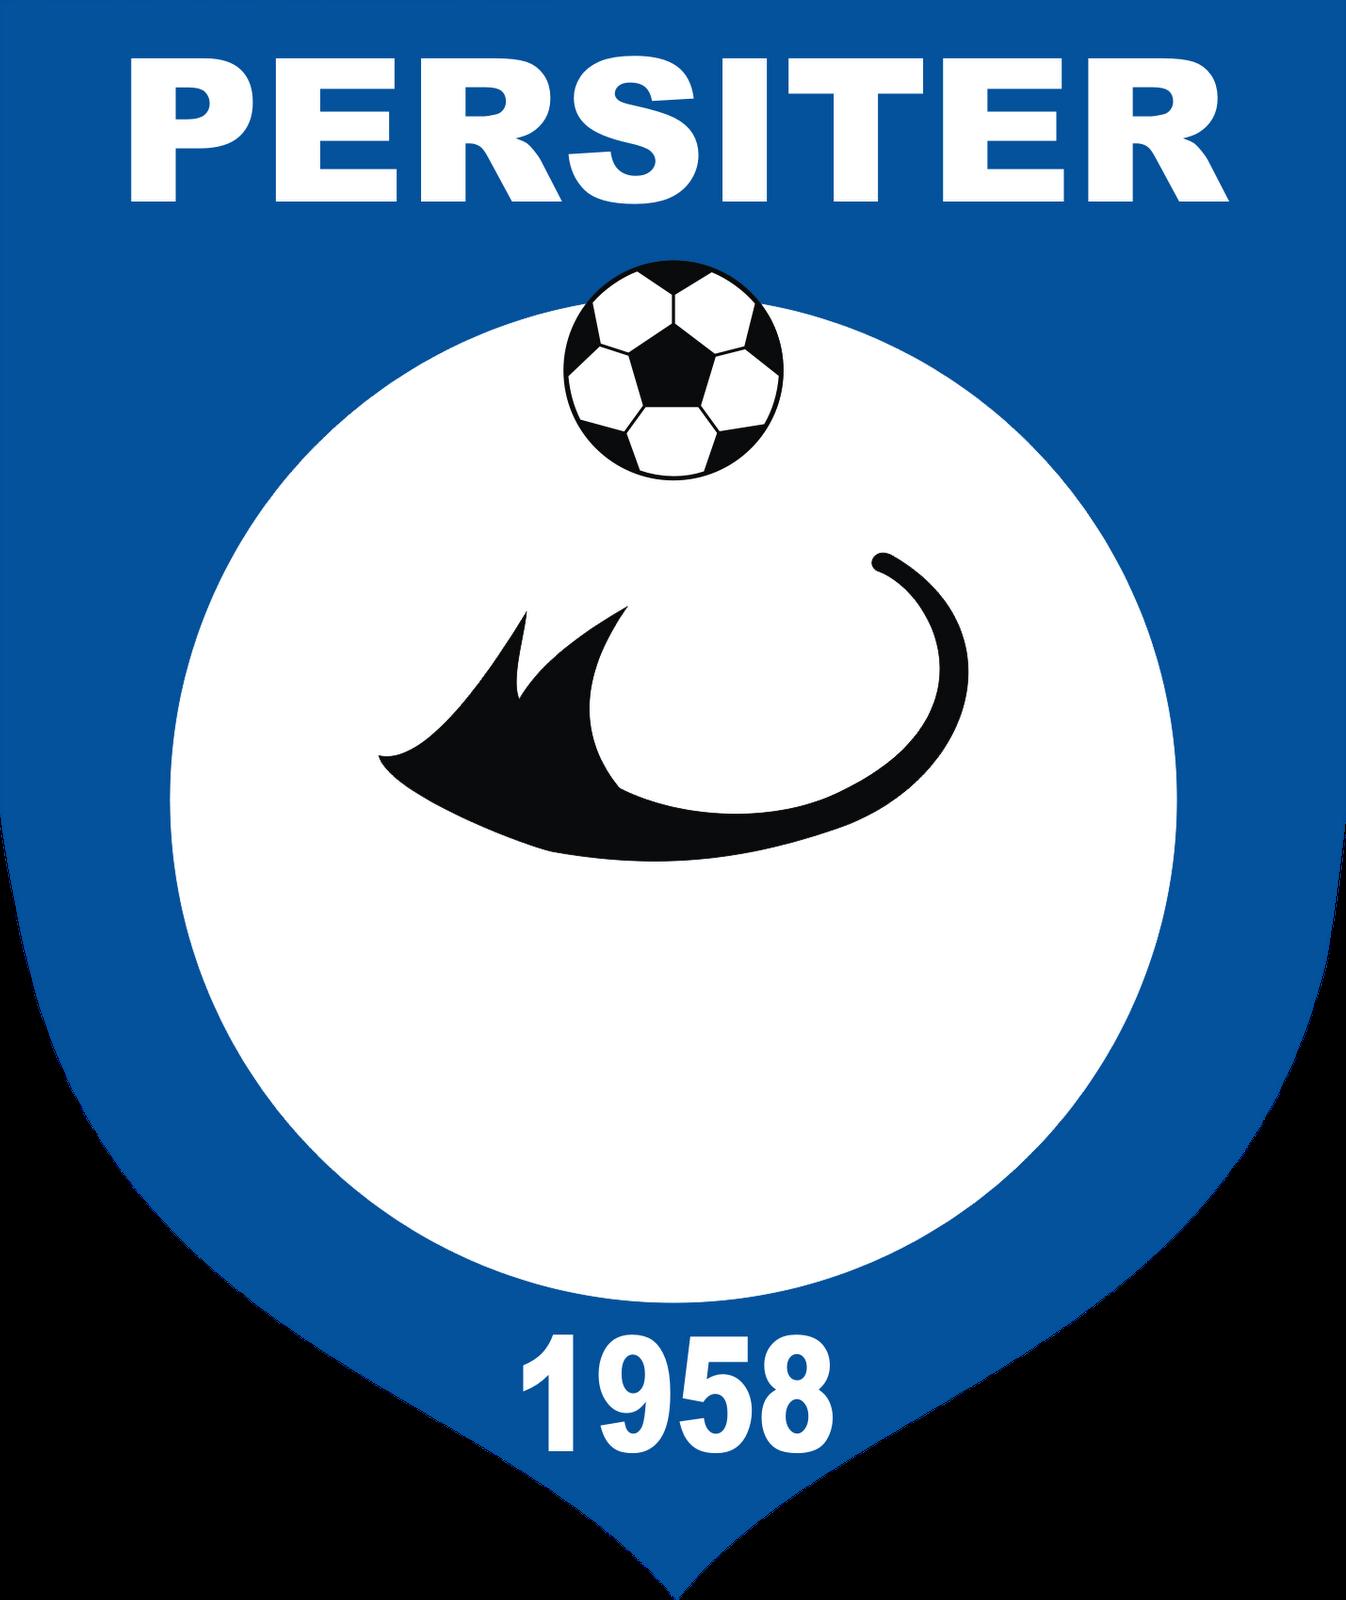 Logo Persiter Ternate - Kumpulan Logo Lambang Indonesia